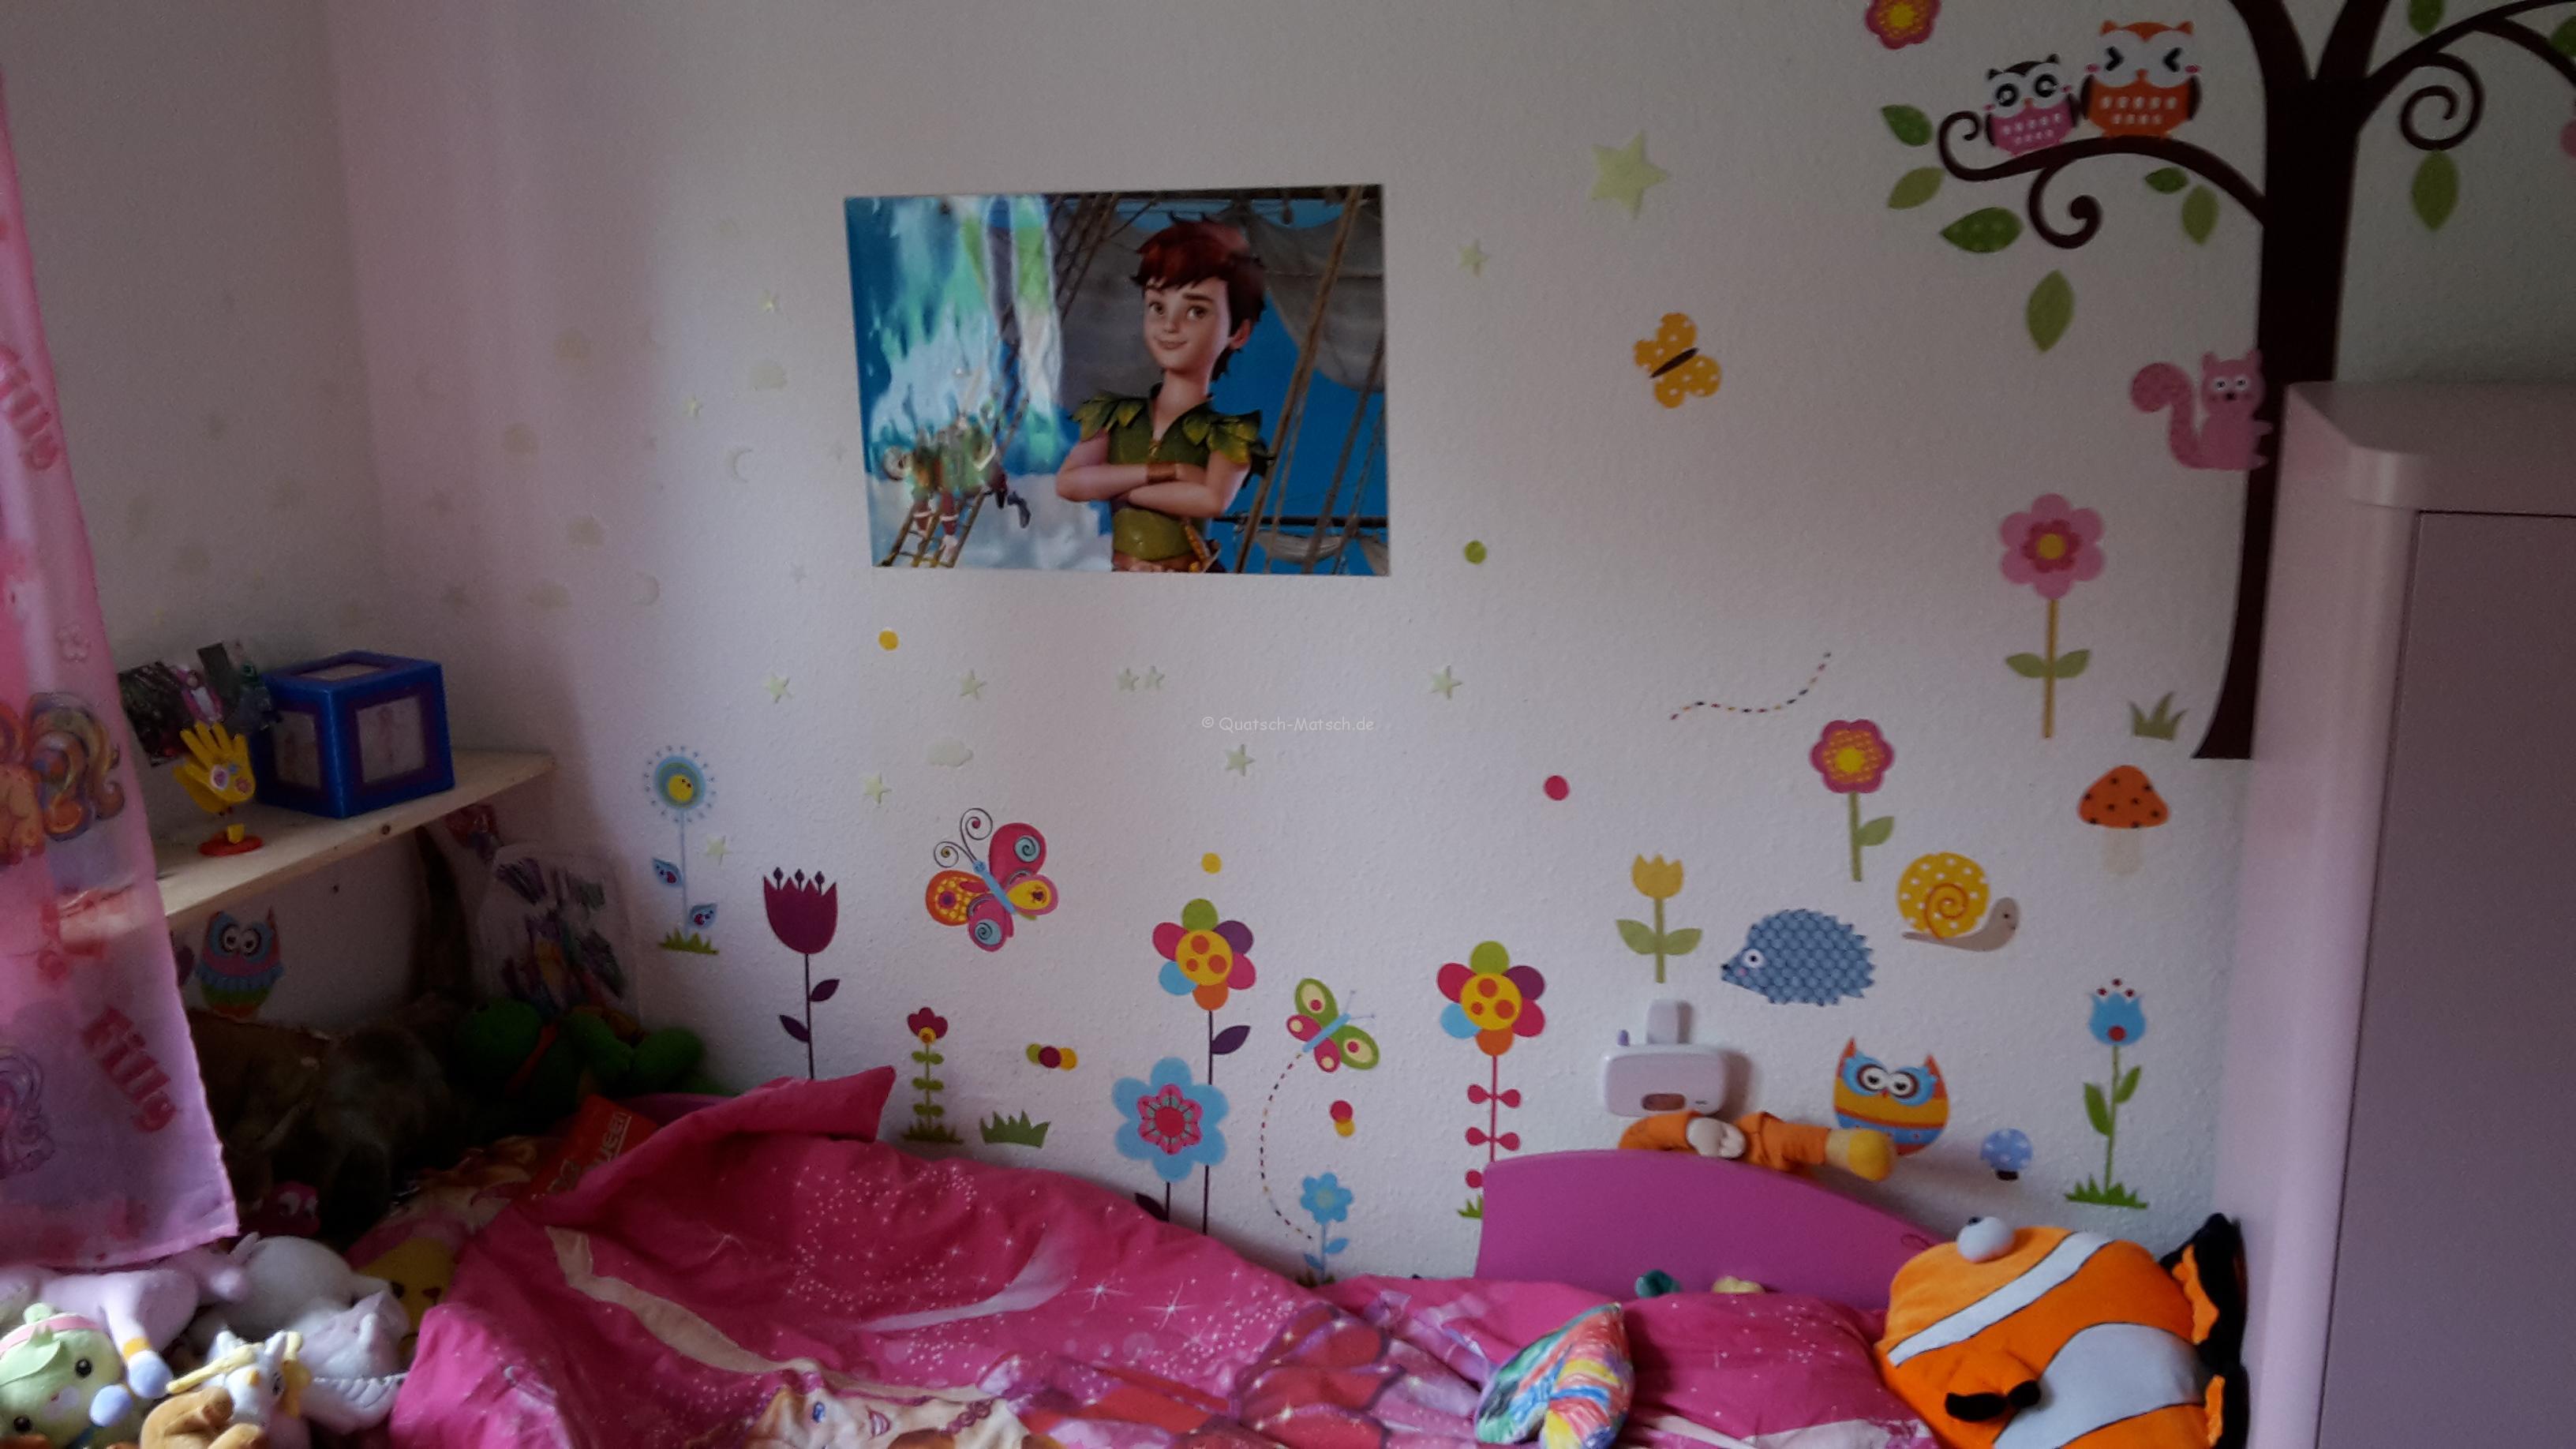 neues kinderzimmer diy der familienblog f r kreative eltern. Black Bedroom Furniture Sets. Home Design Ideas